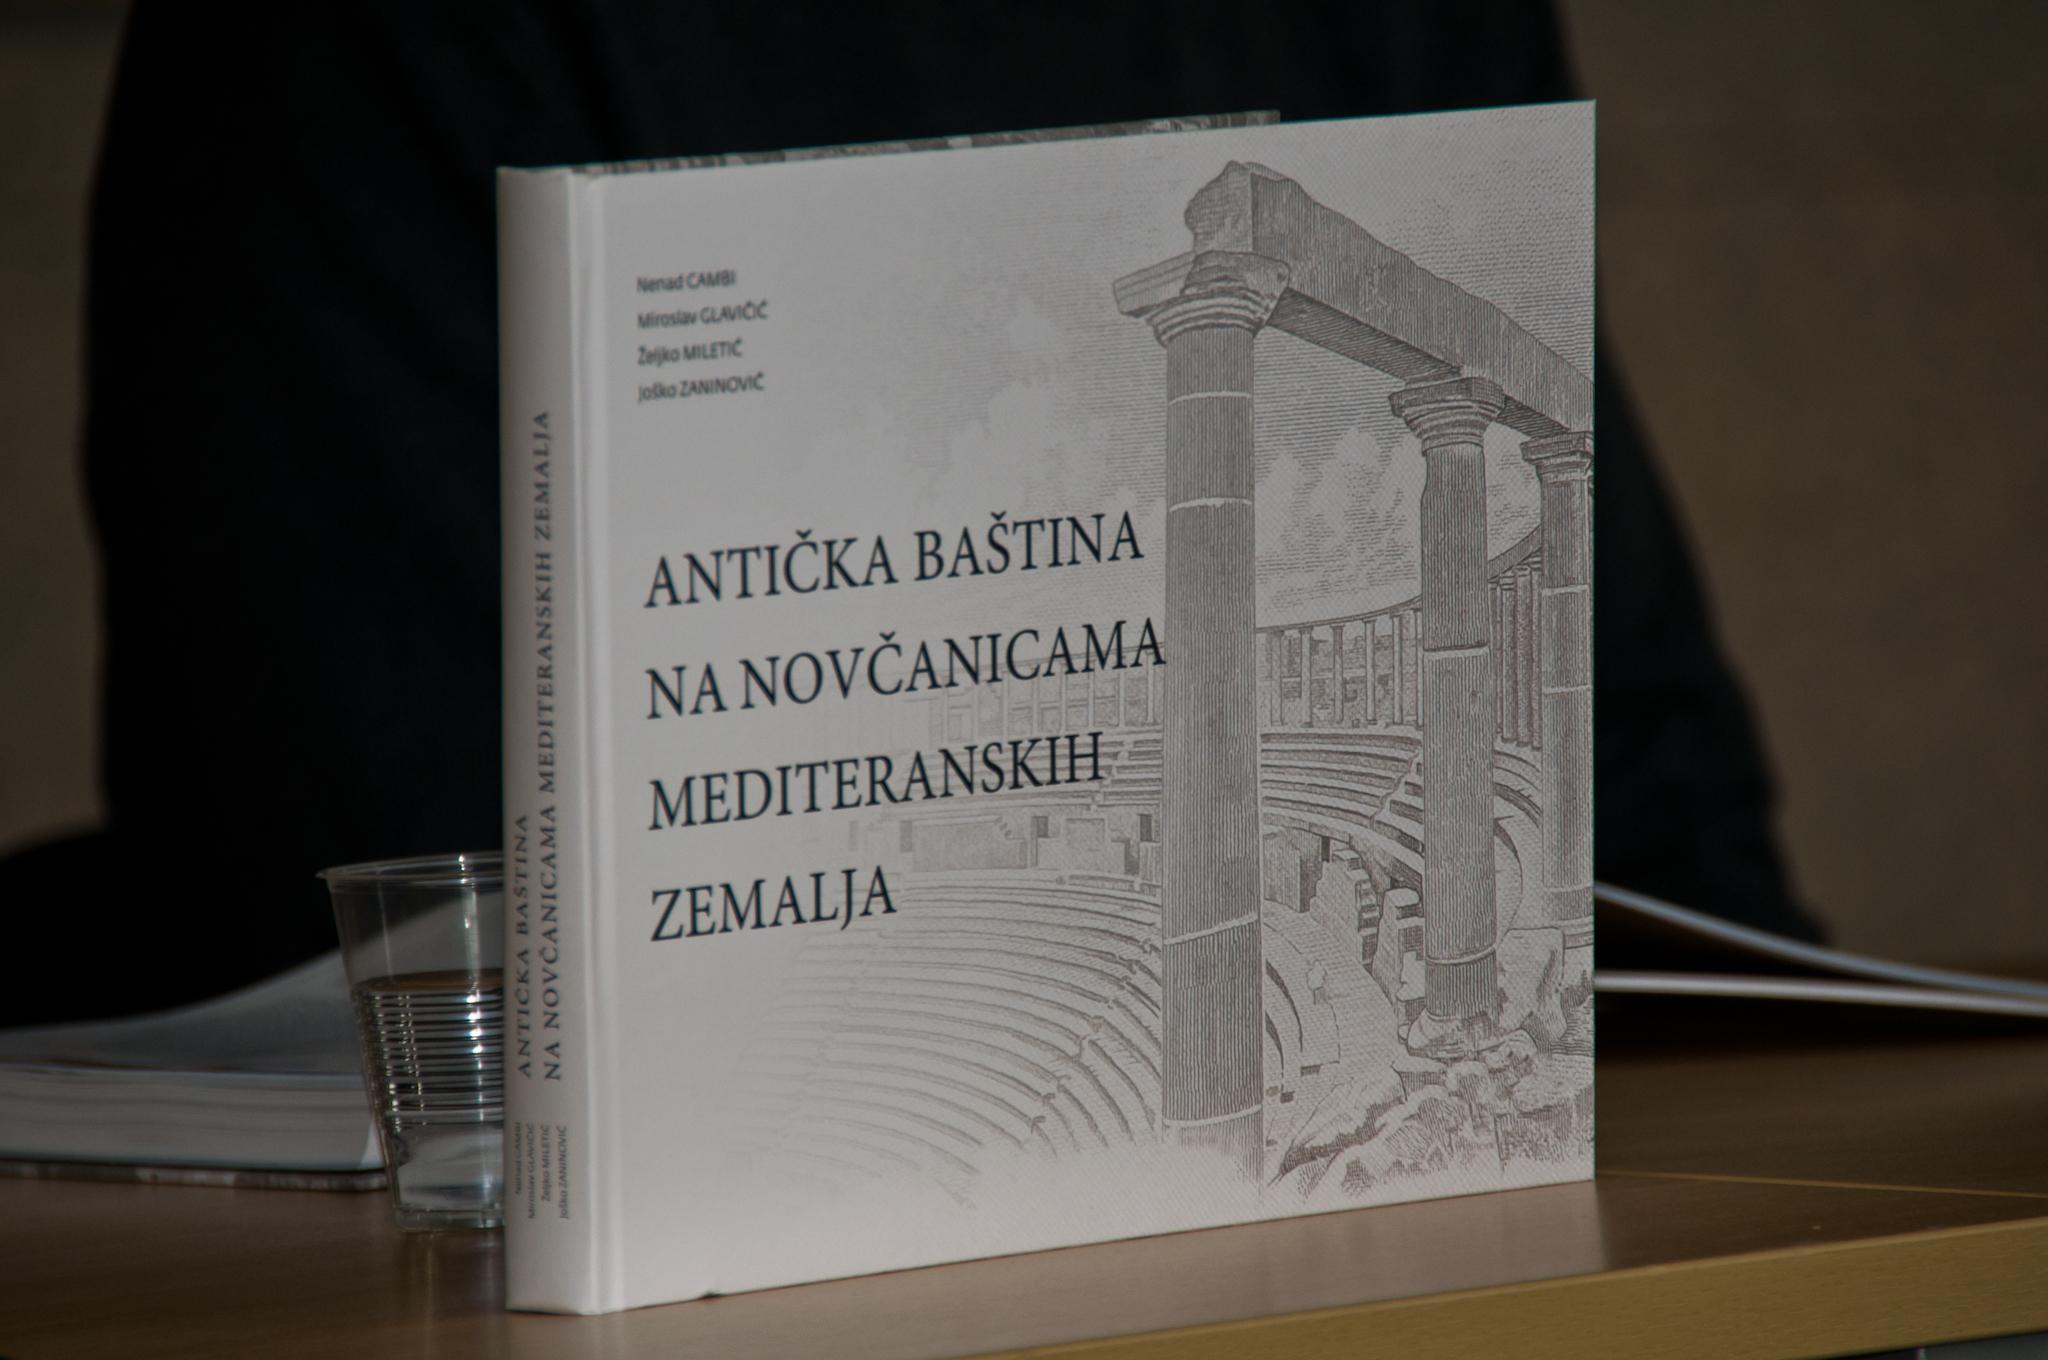 """Otvorena izložba i predstavljena knjiga """"Antička baština na novčanicama mediteranskih zemalja""""."""